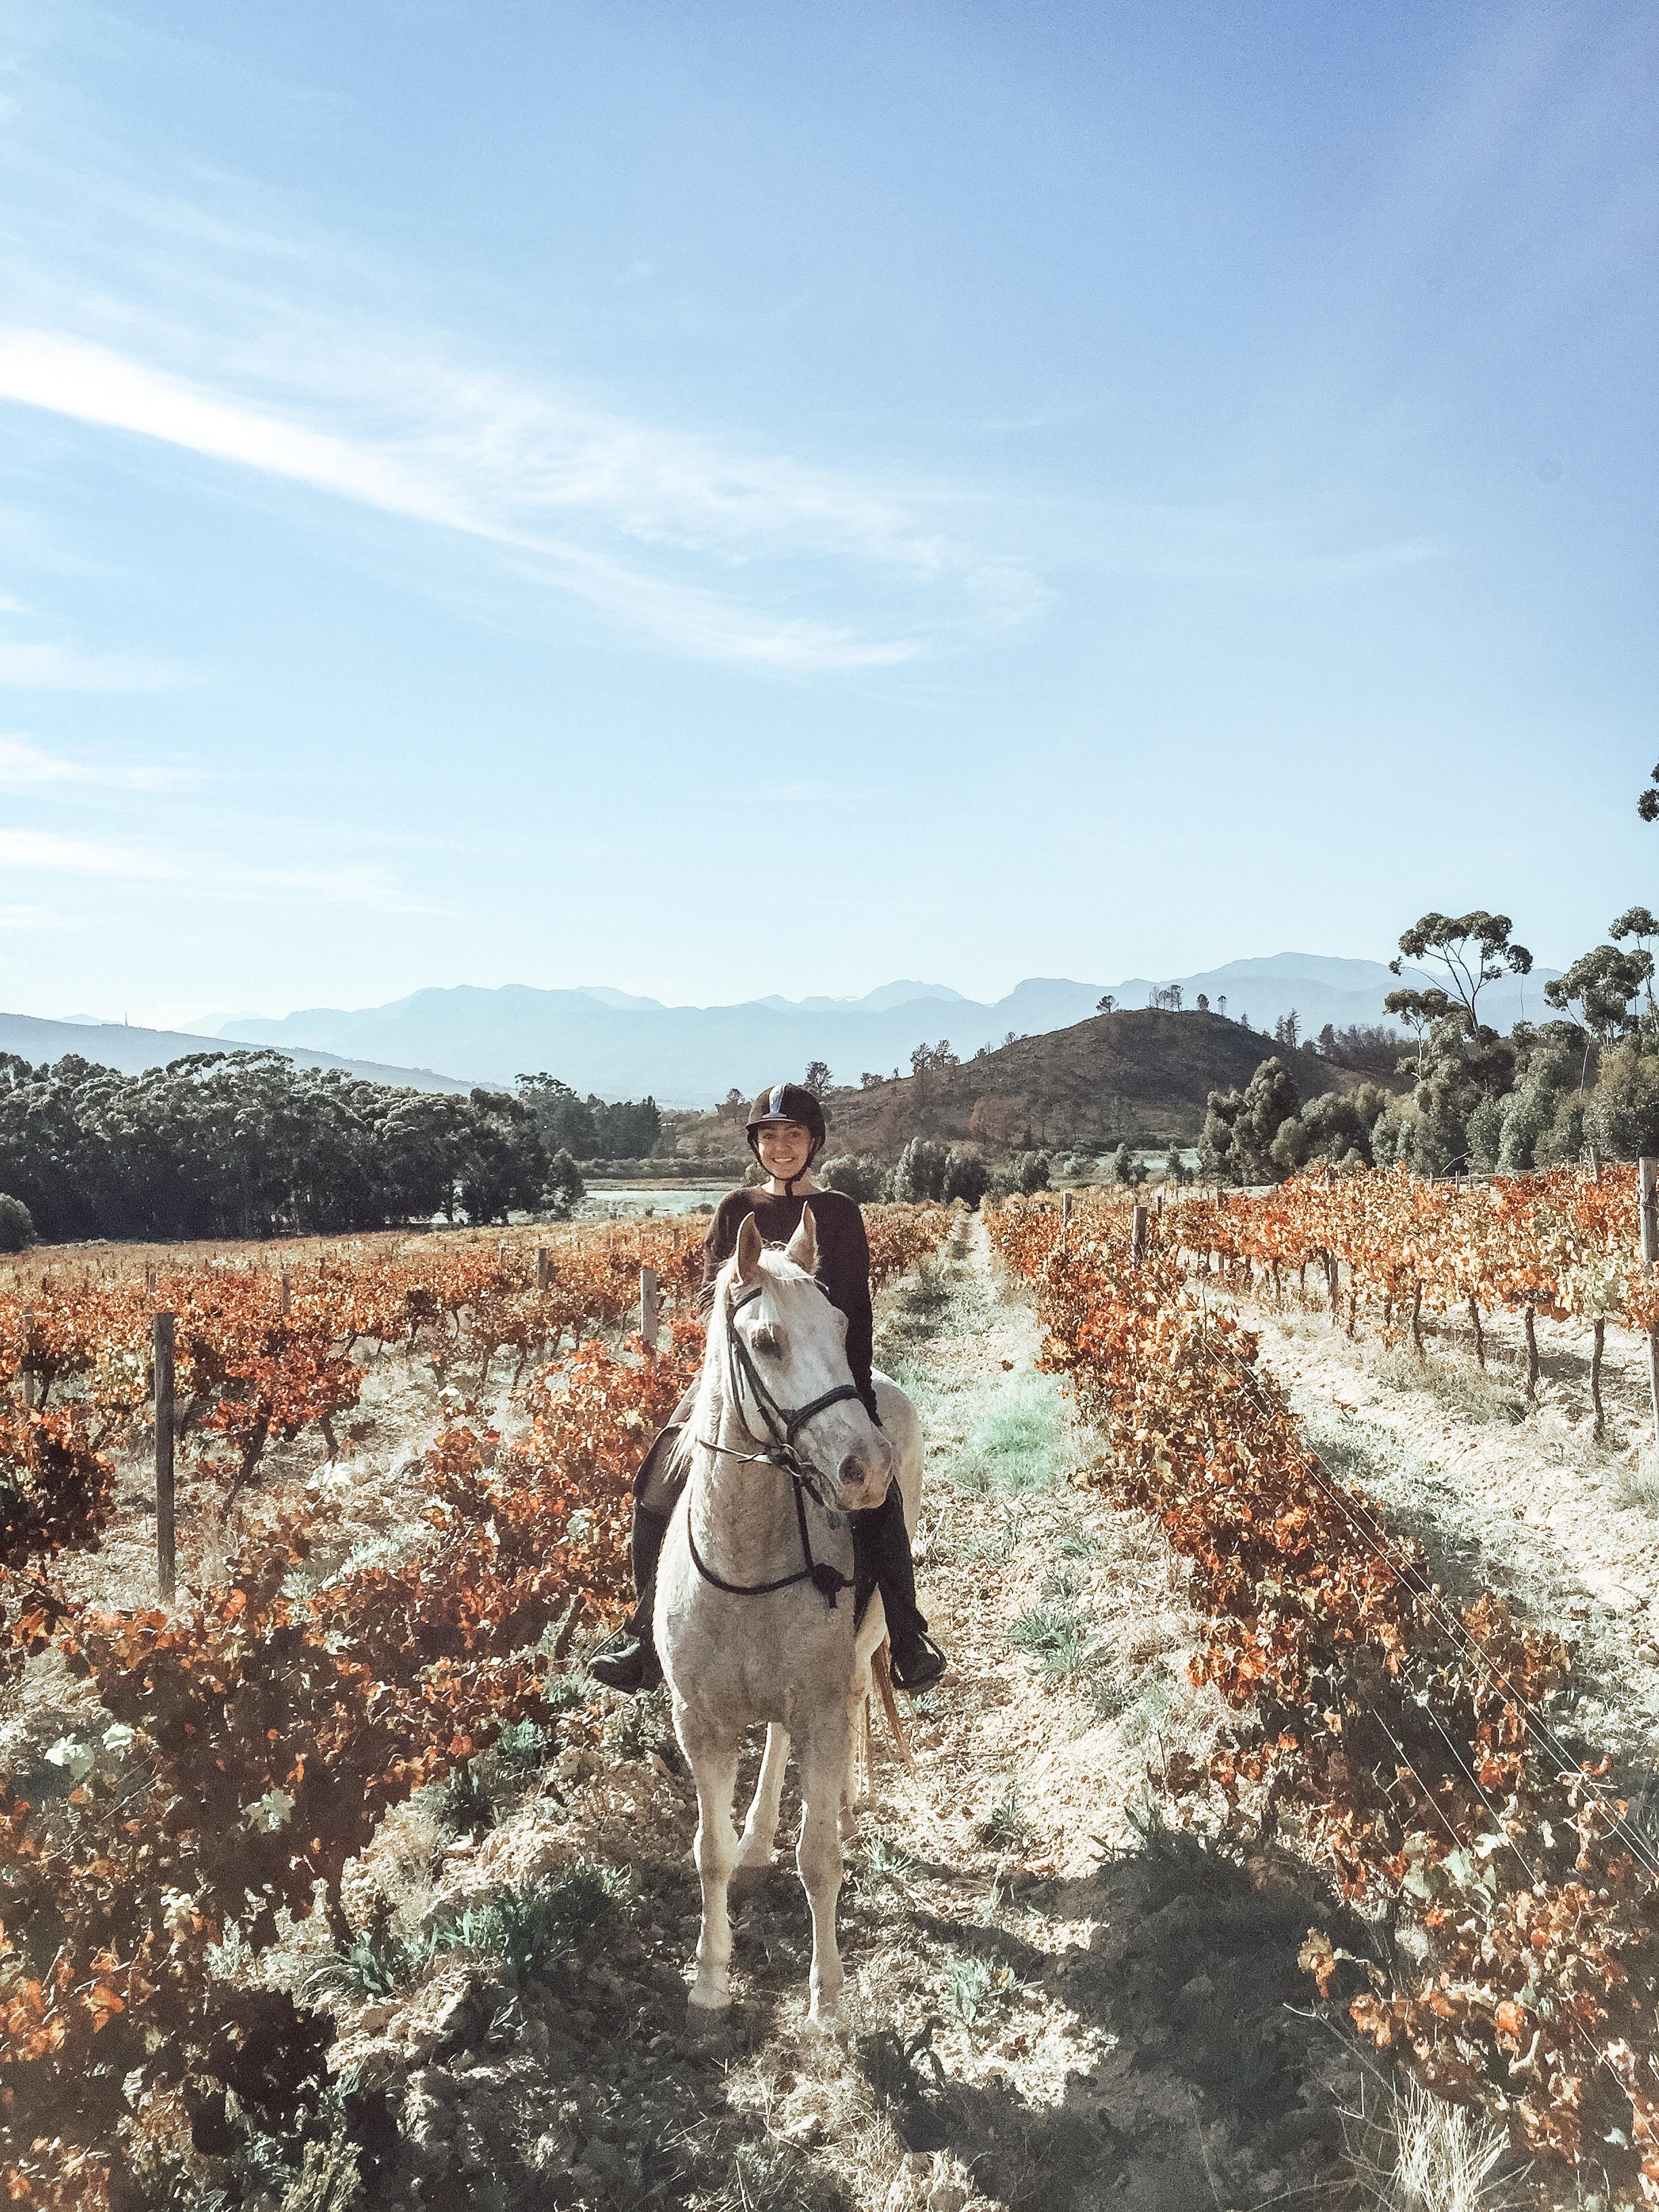 cape-town-horse-riding.jpg